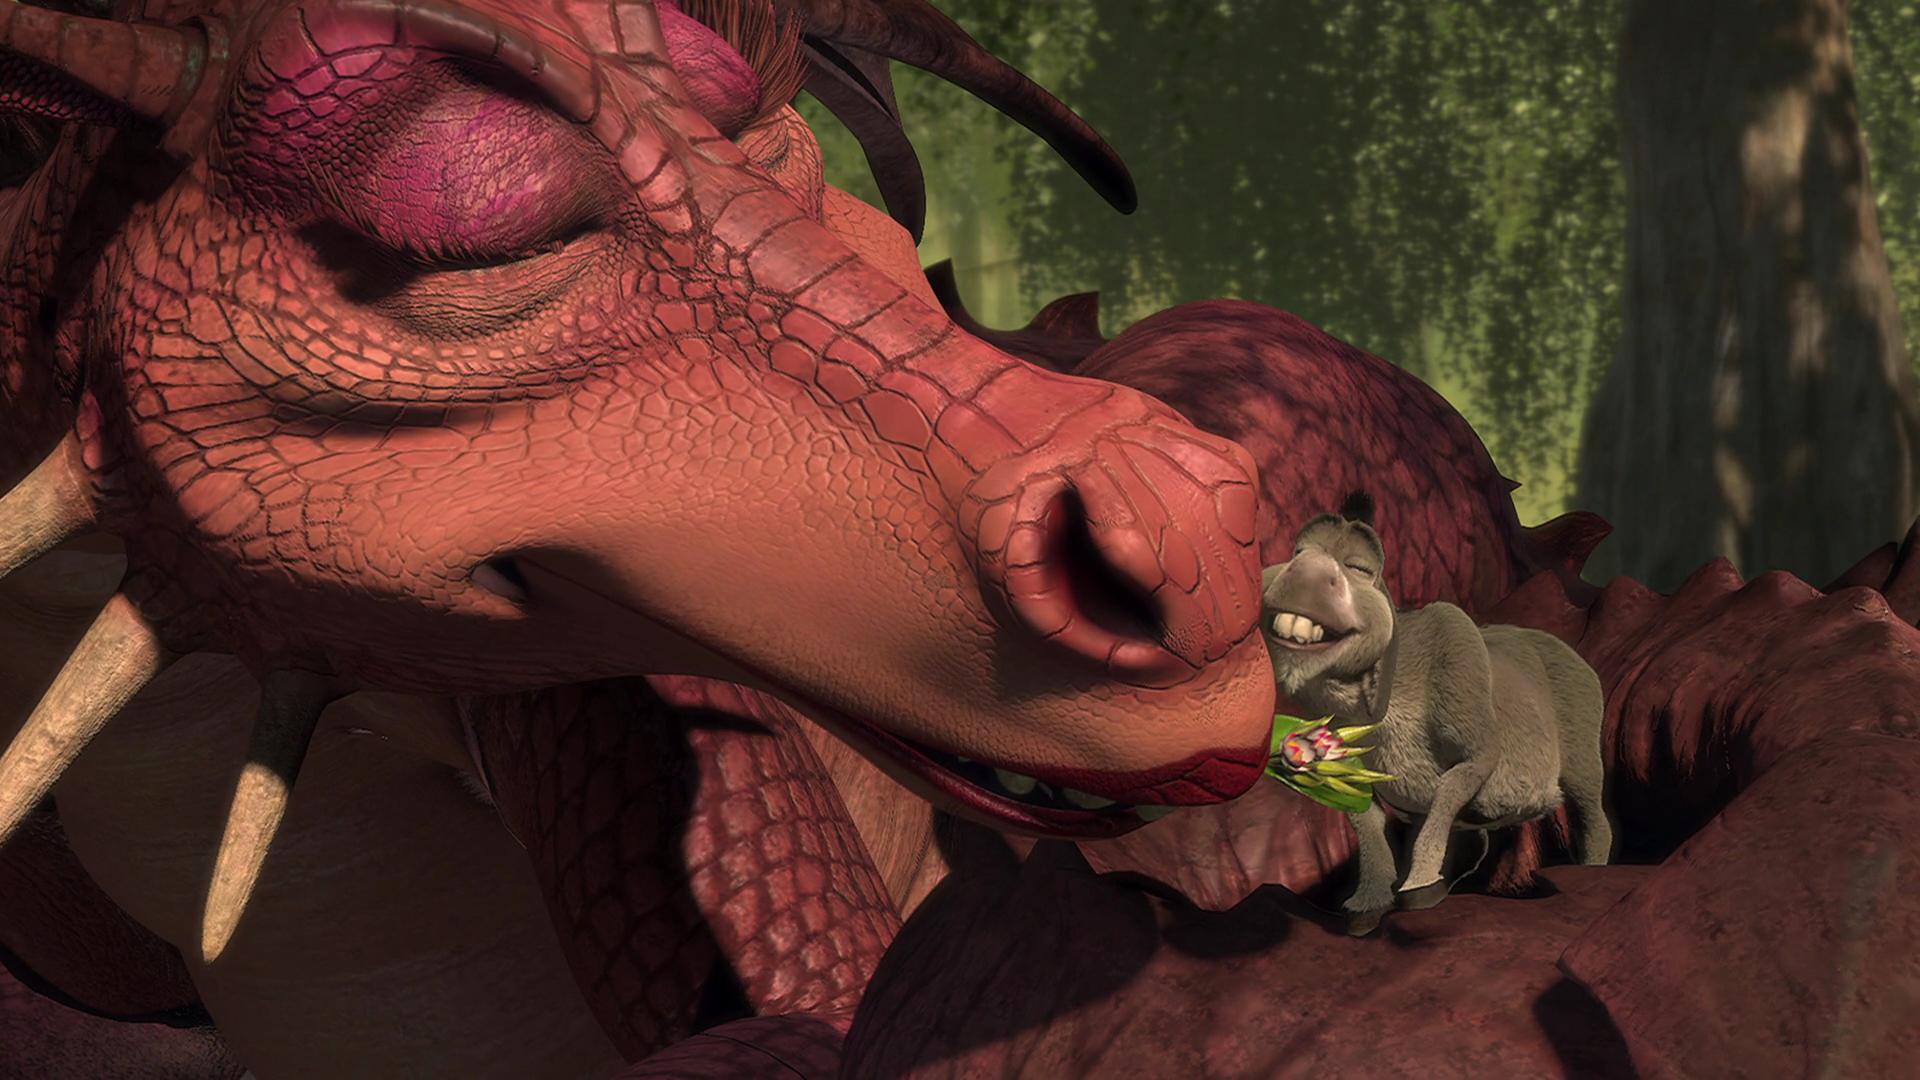 Shrek Donkey 33398 1920x1080px